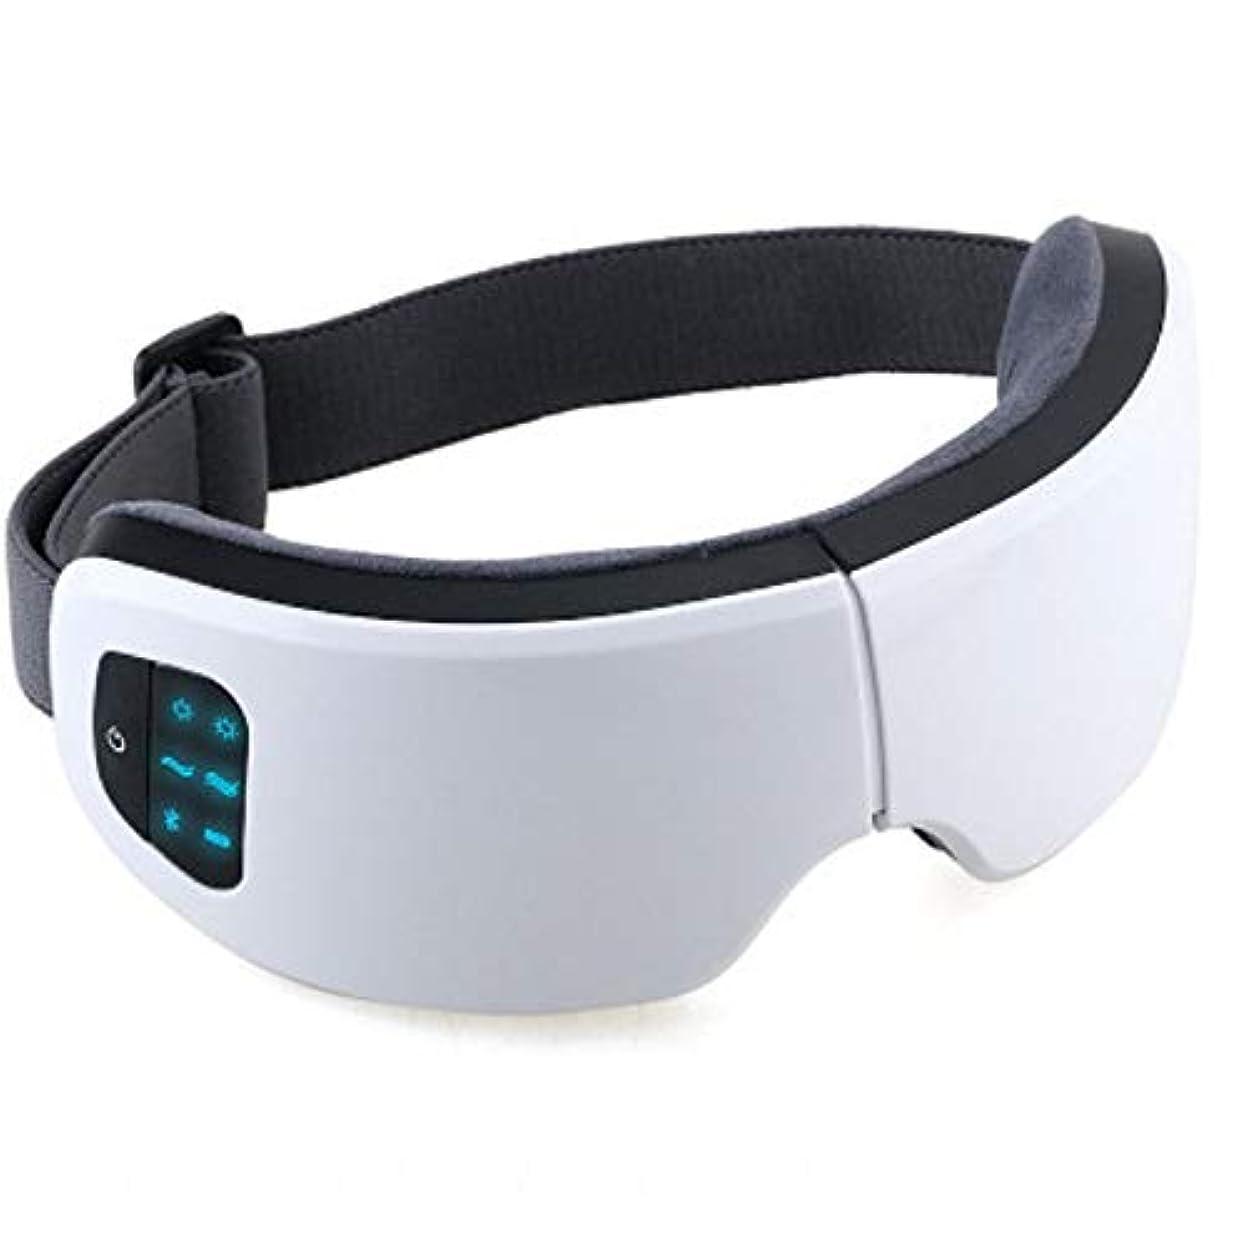 争う家庭メッシュMeet now 高度の目のマッサージャー、暖房モードの無線再充電可能な折る目のマッサージャー 品質保証